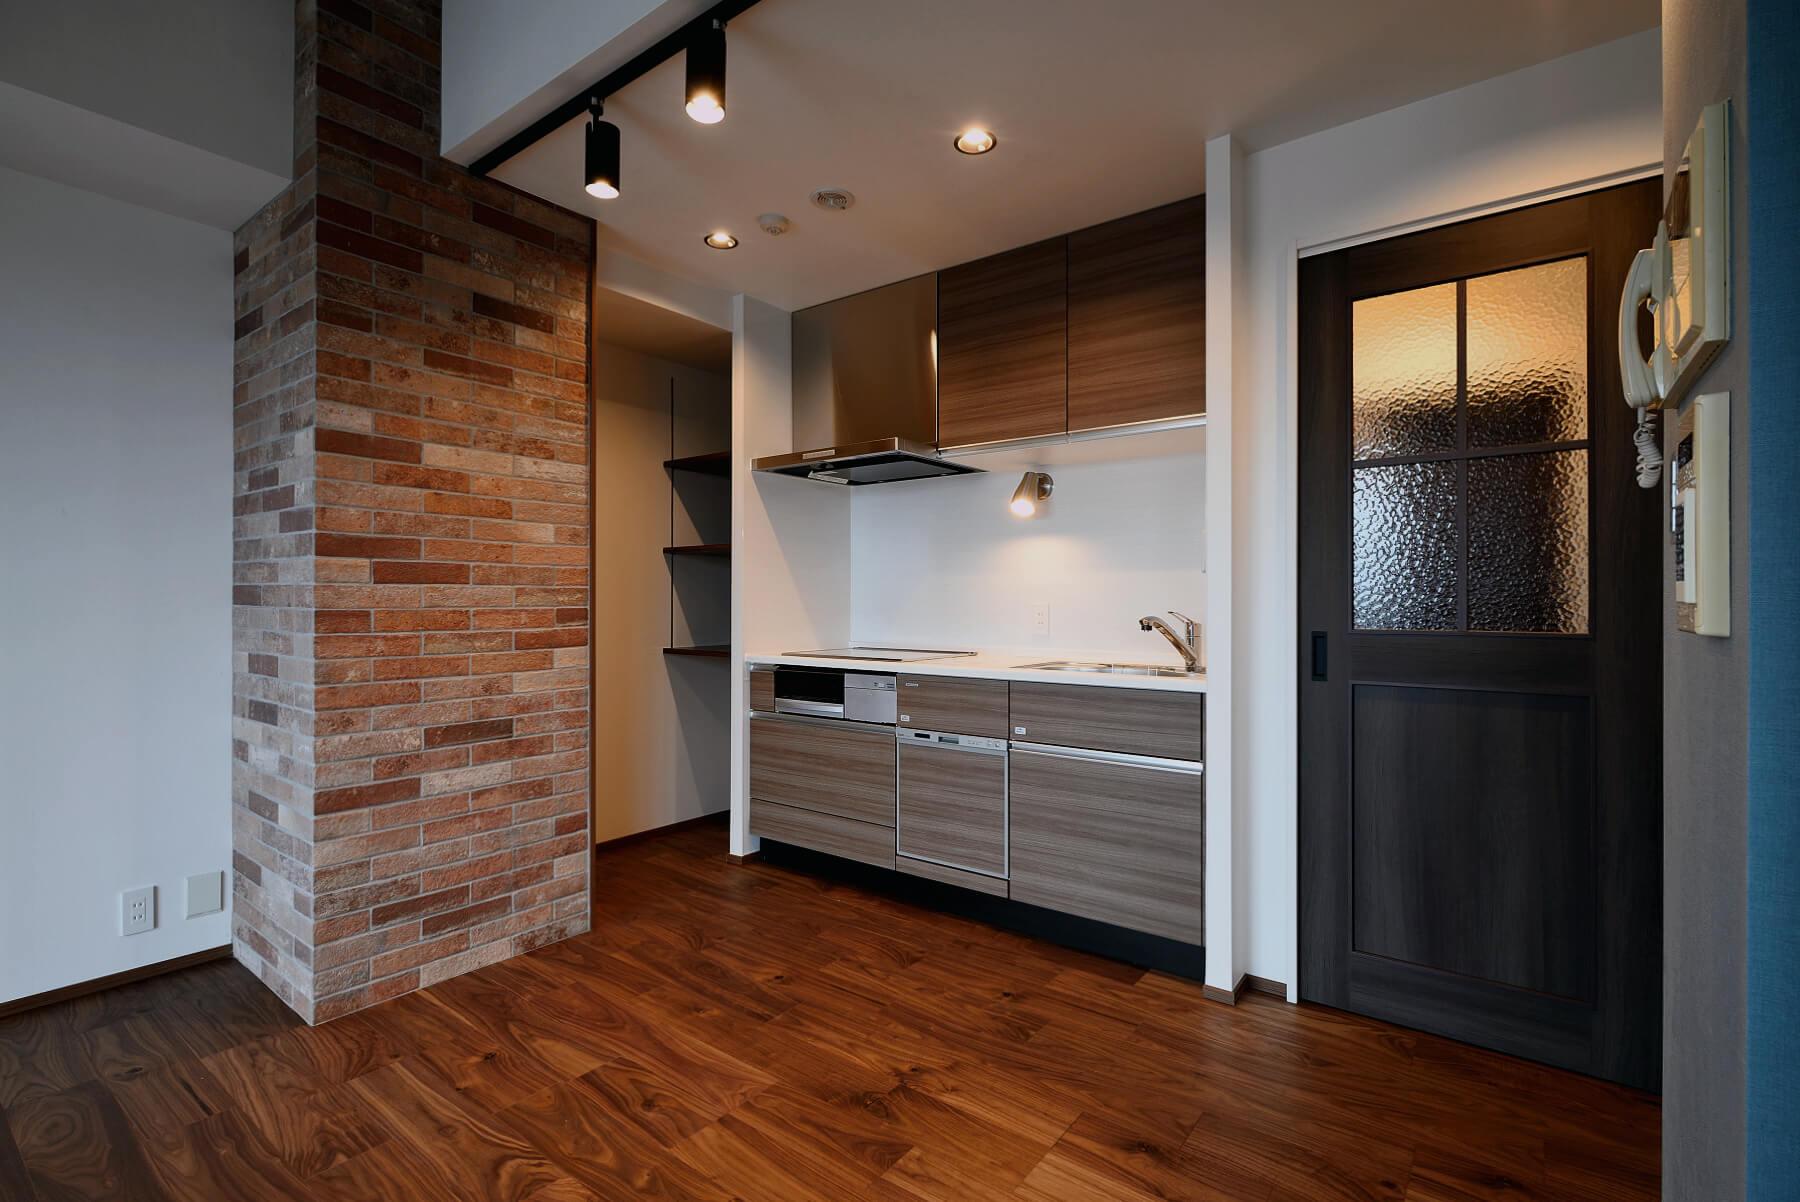 アクセントクロスでキッチンやトイレをおしゃれ空間に 選び方 使い方